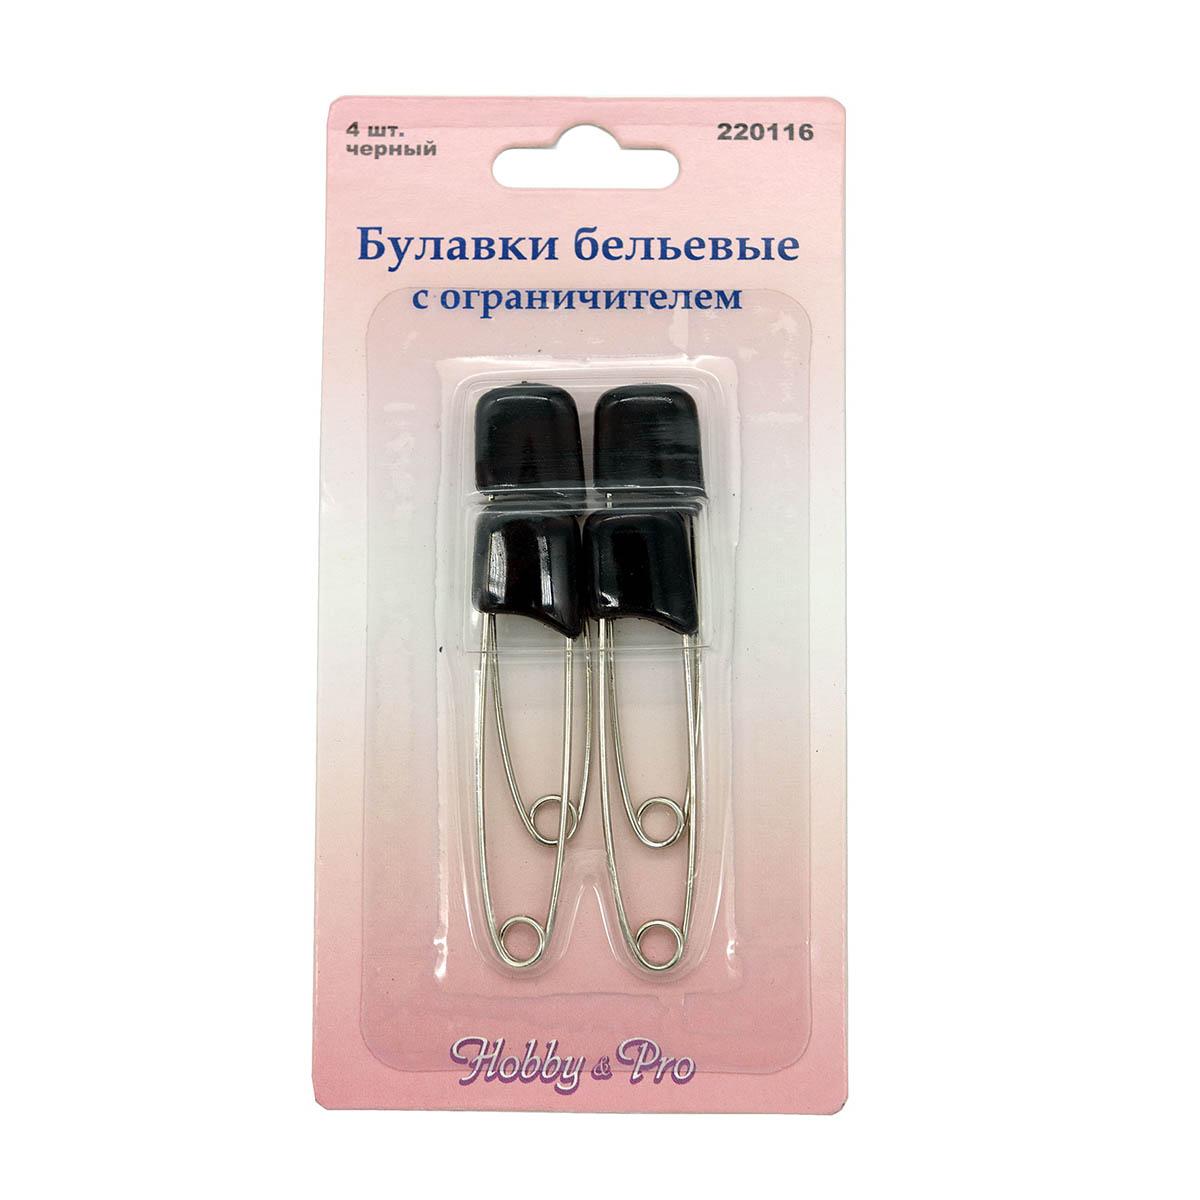 Булавки бельевые с ограничителем, 4 шт.,5 см. черный 220116, Hobby&Pro